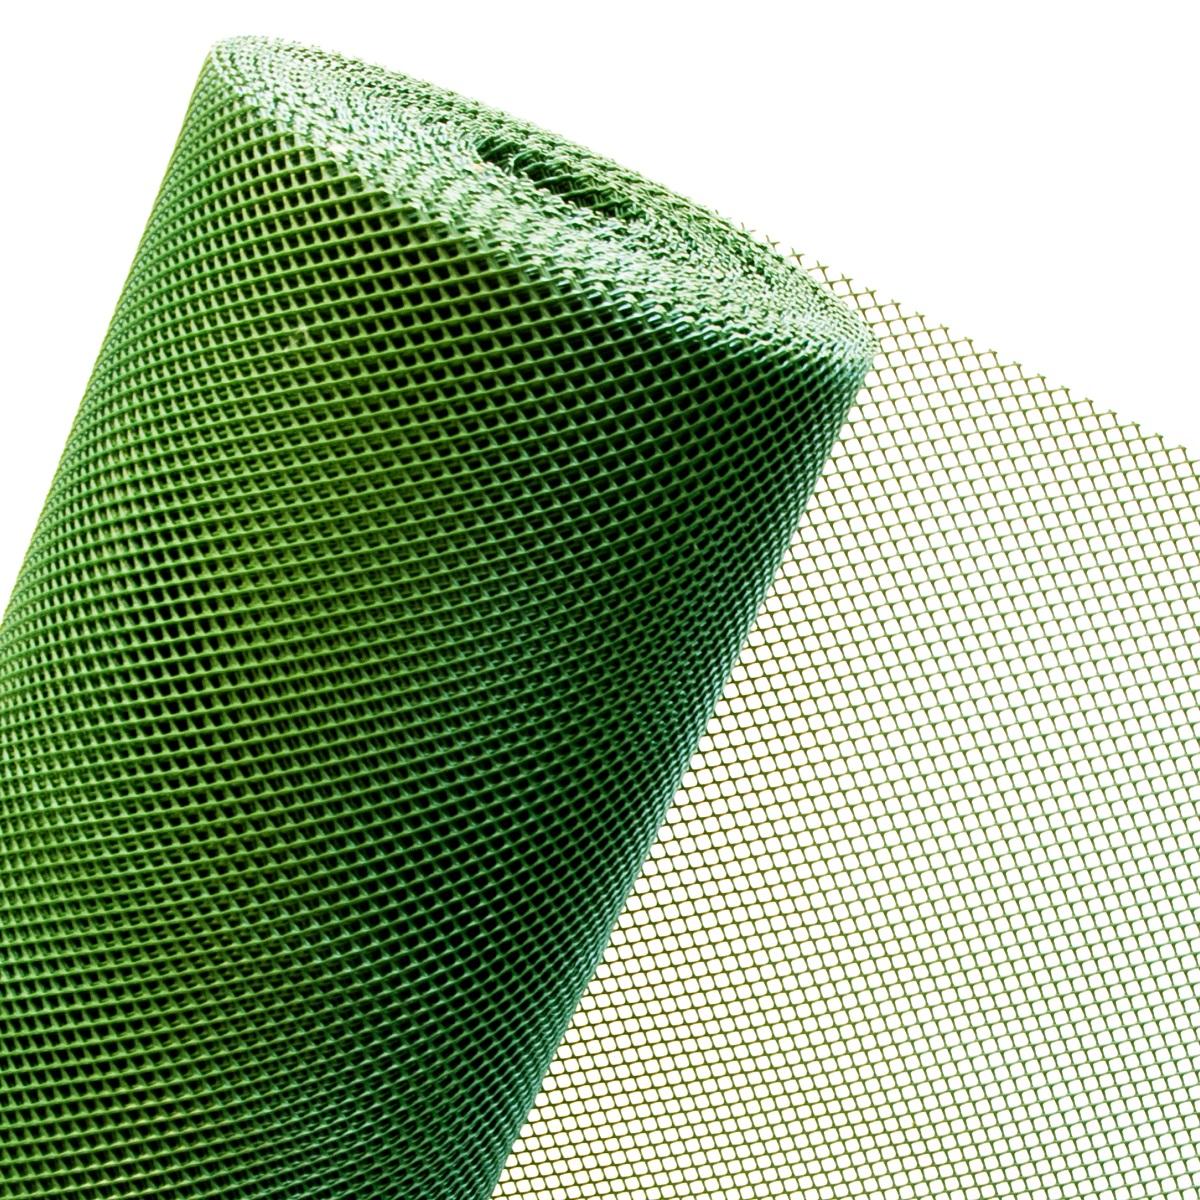 KUNSTSTOFFZAUN in 1,20m Höhe Masche 5mm (Meterware) Lärm grün